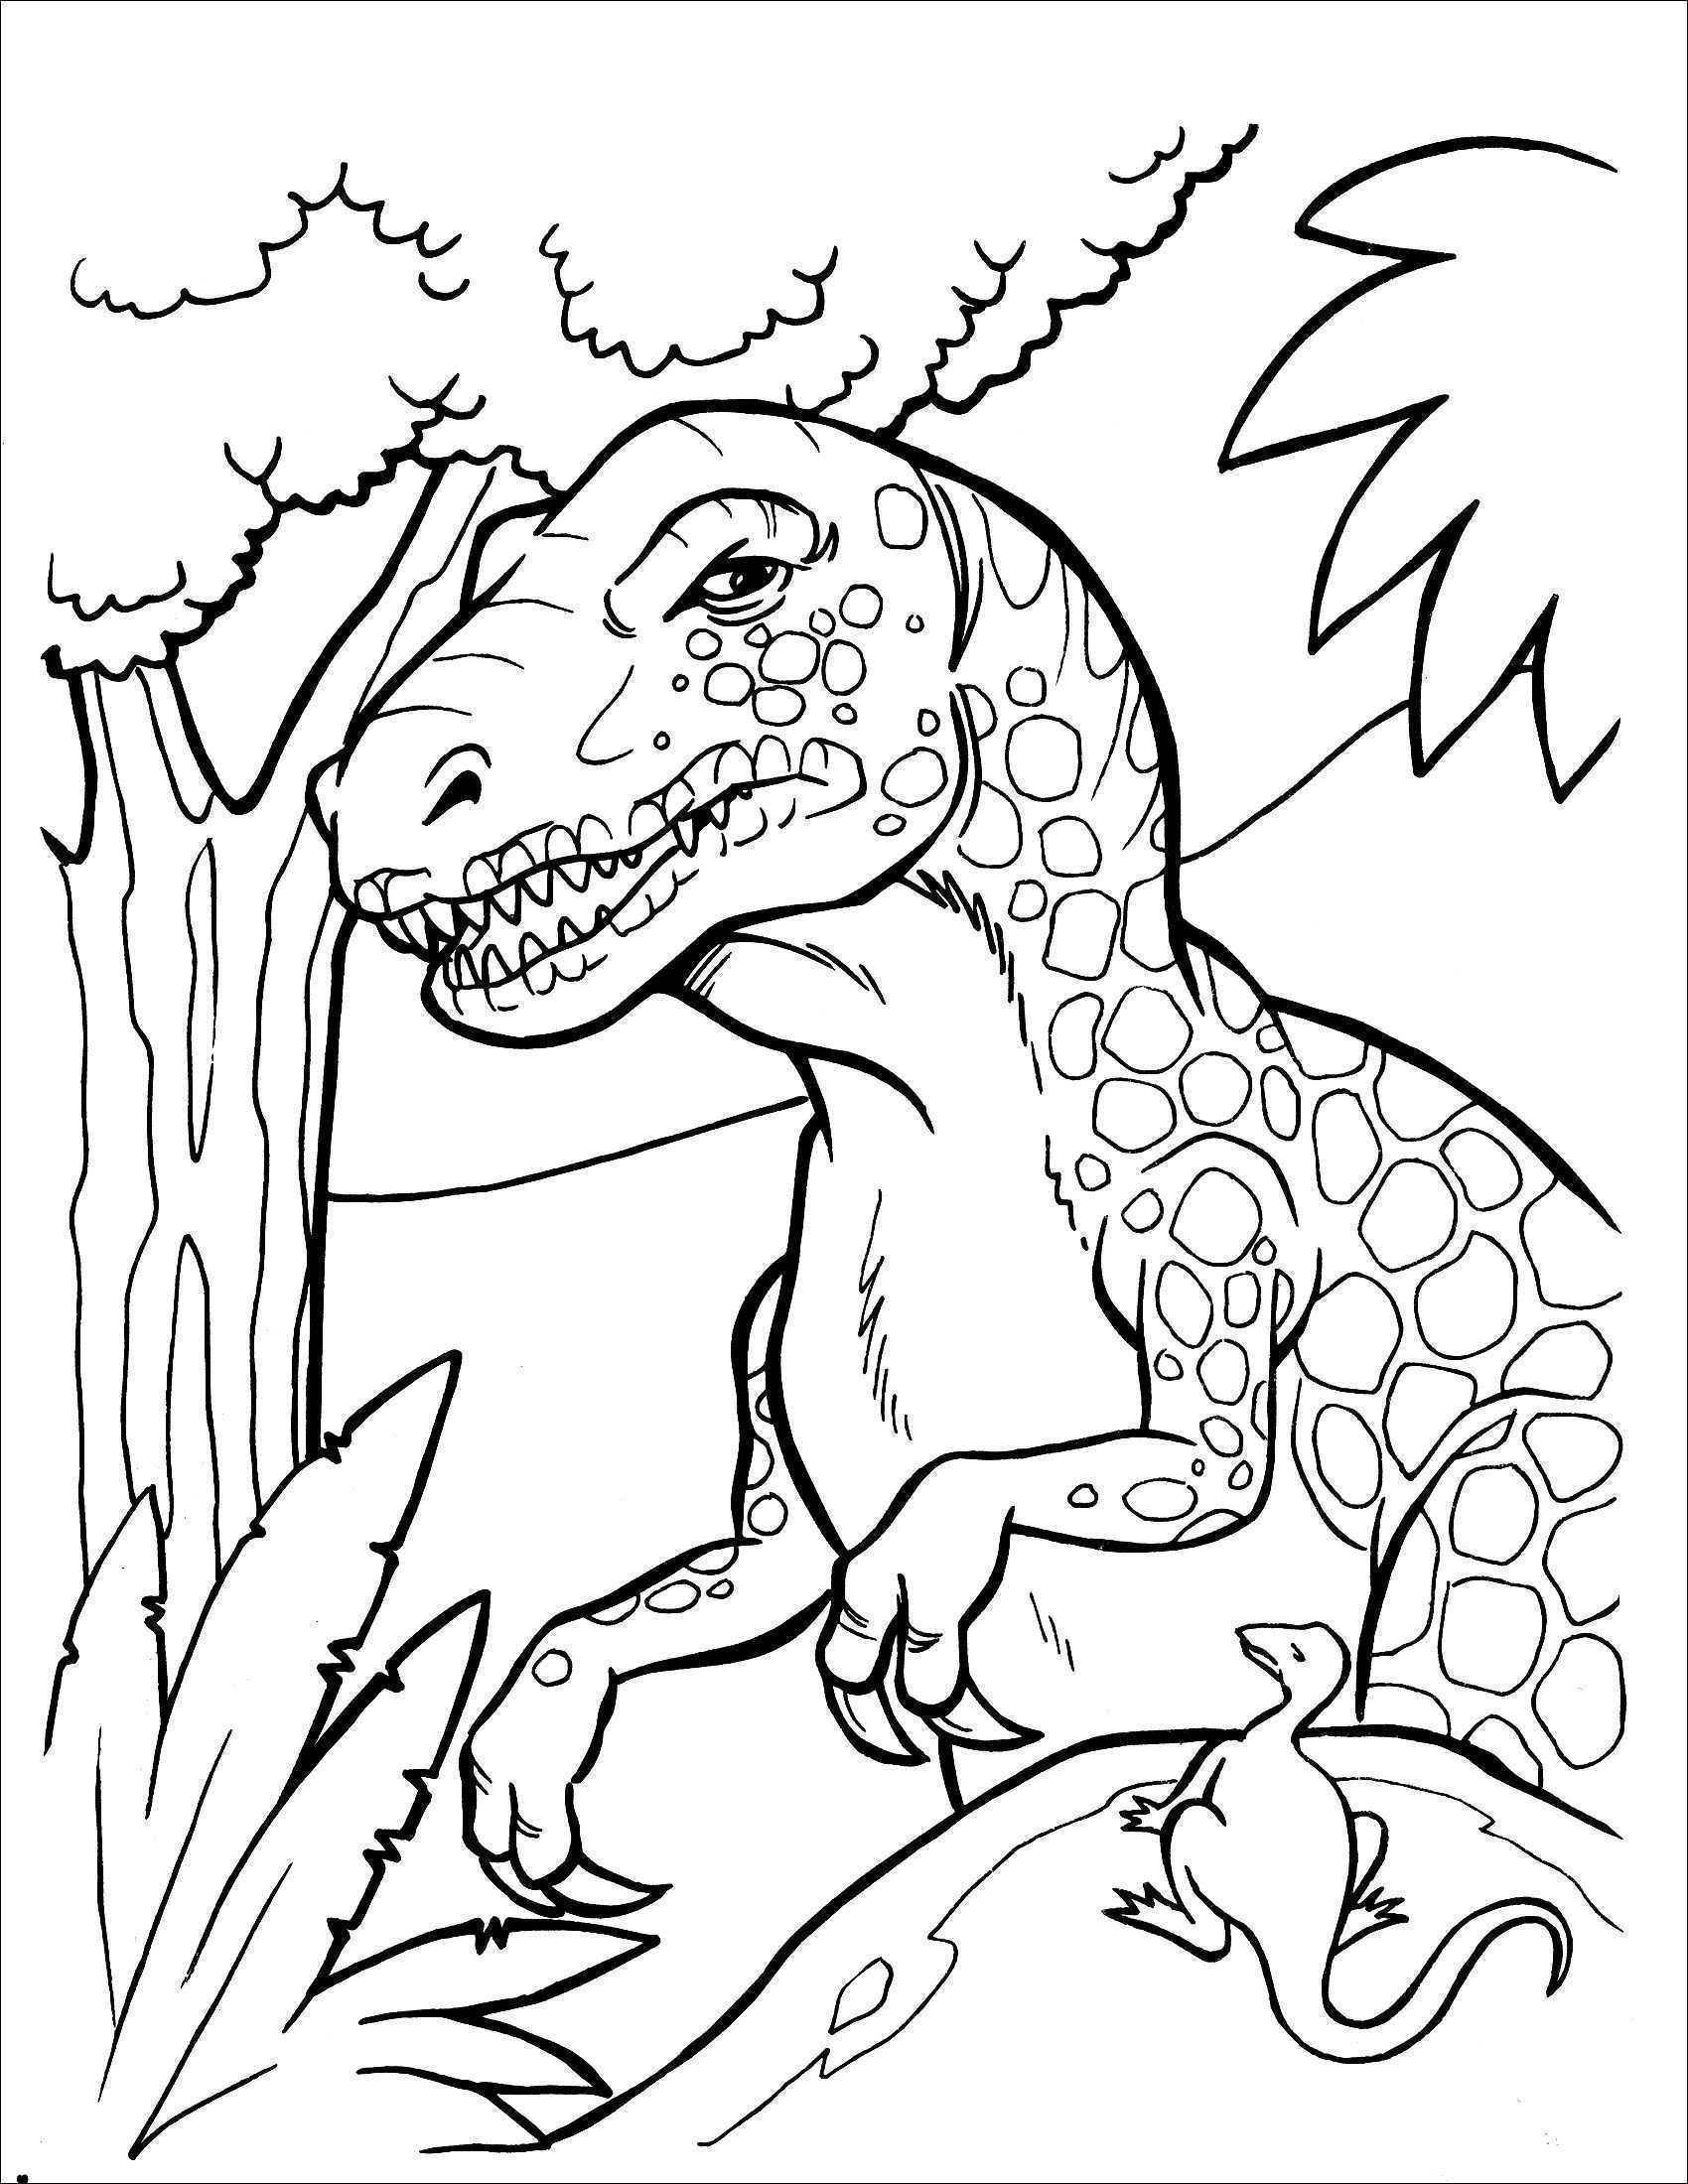 T Rex Malvorlage Genial Ausmalbilder T Rex Bildnis 40 Ausmalbilder Dinosaurier Rex Stock